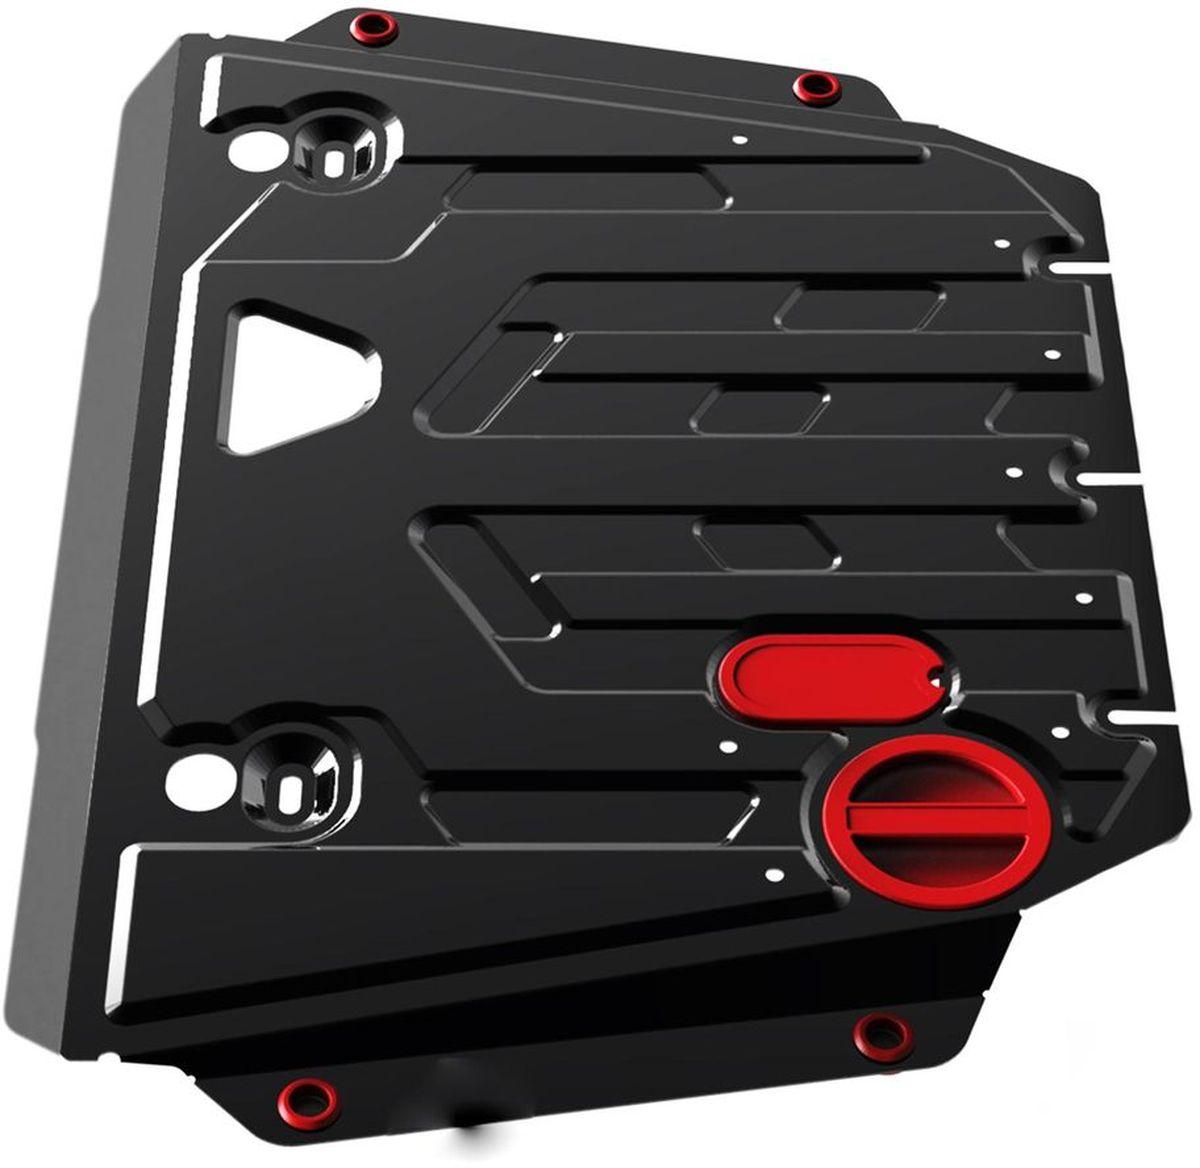 Защита картера и КПП Автоброня, для Ford Escape V - 2,3 (2008-)111.01803.1Технологически совершенный продукт за невысокую стоимость. Защита разработана с учетом особенностей днища автомобиля, что позволяет сохранить дорожный просвет с минимальным изменением. Защита устанавливается в штатные места кузова автомобиля. Глубокий штамп обеспечивает до двух раз больше жесткости в сравнении с обычной защитой той же толщины. Проштампованные ребра жесткости препятствуют деформации защиты при ударах. Тепловой зазор и вентиляционные отверстия обеспечивают сохранение температурного режима двигателя в норме. Скрытый крепеж предотвращает срыв крепежных элементов при наезде на препятствие. Шумопоглощающие резиновые элементы обеспечивают комфортную езду без вибраций и скрежета металла, а съемные лючки для слива масла и замены фильтра - экономию средств и время. Конструкция изделия не влияет на пассивную безопасность автомобиля (при ударе защита не воздействует на деформационные зоны кузова). Со штатным крепежом. В комплекте инструкция по установке....